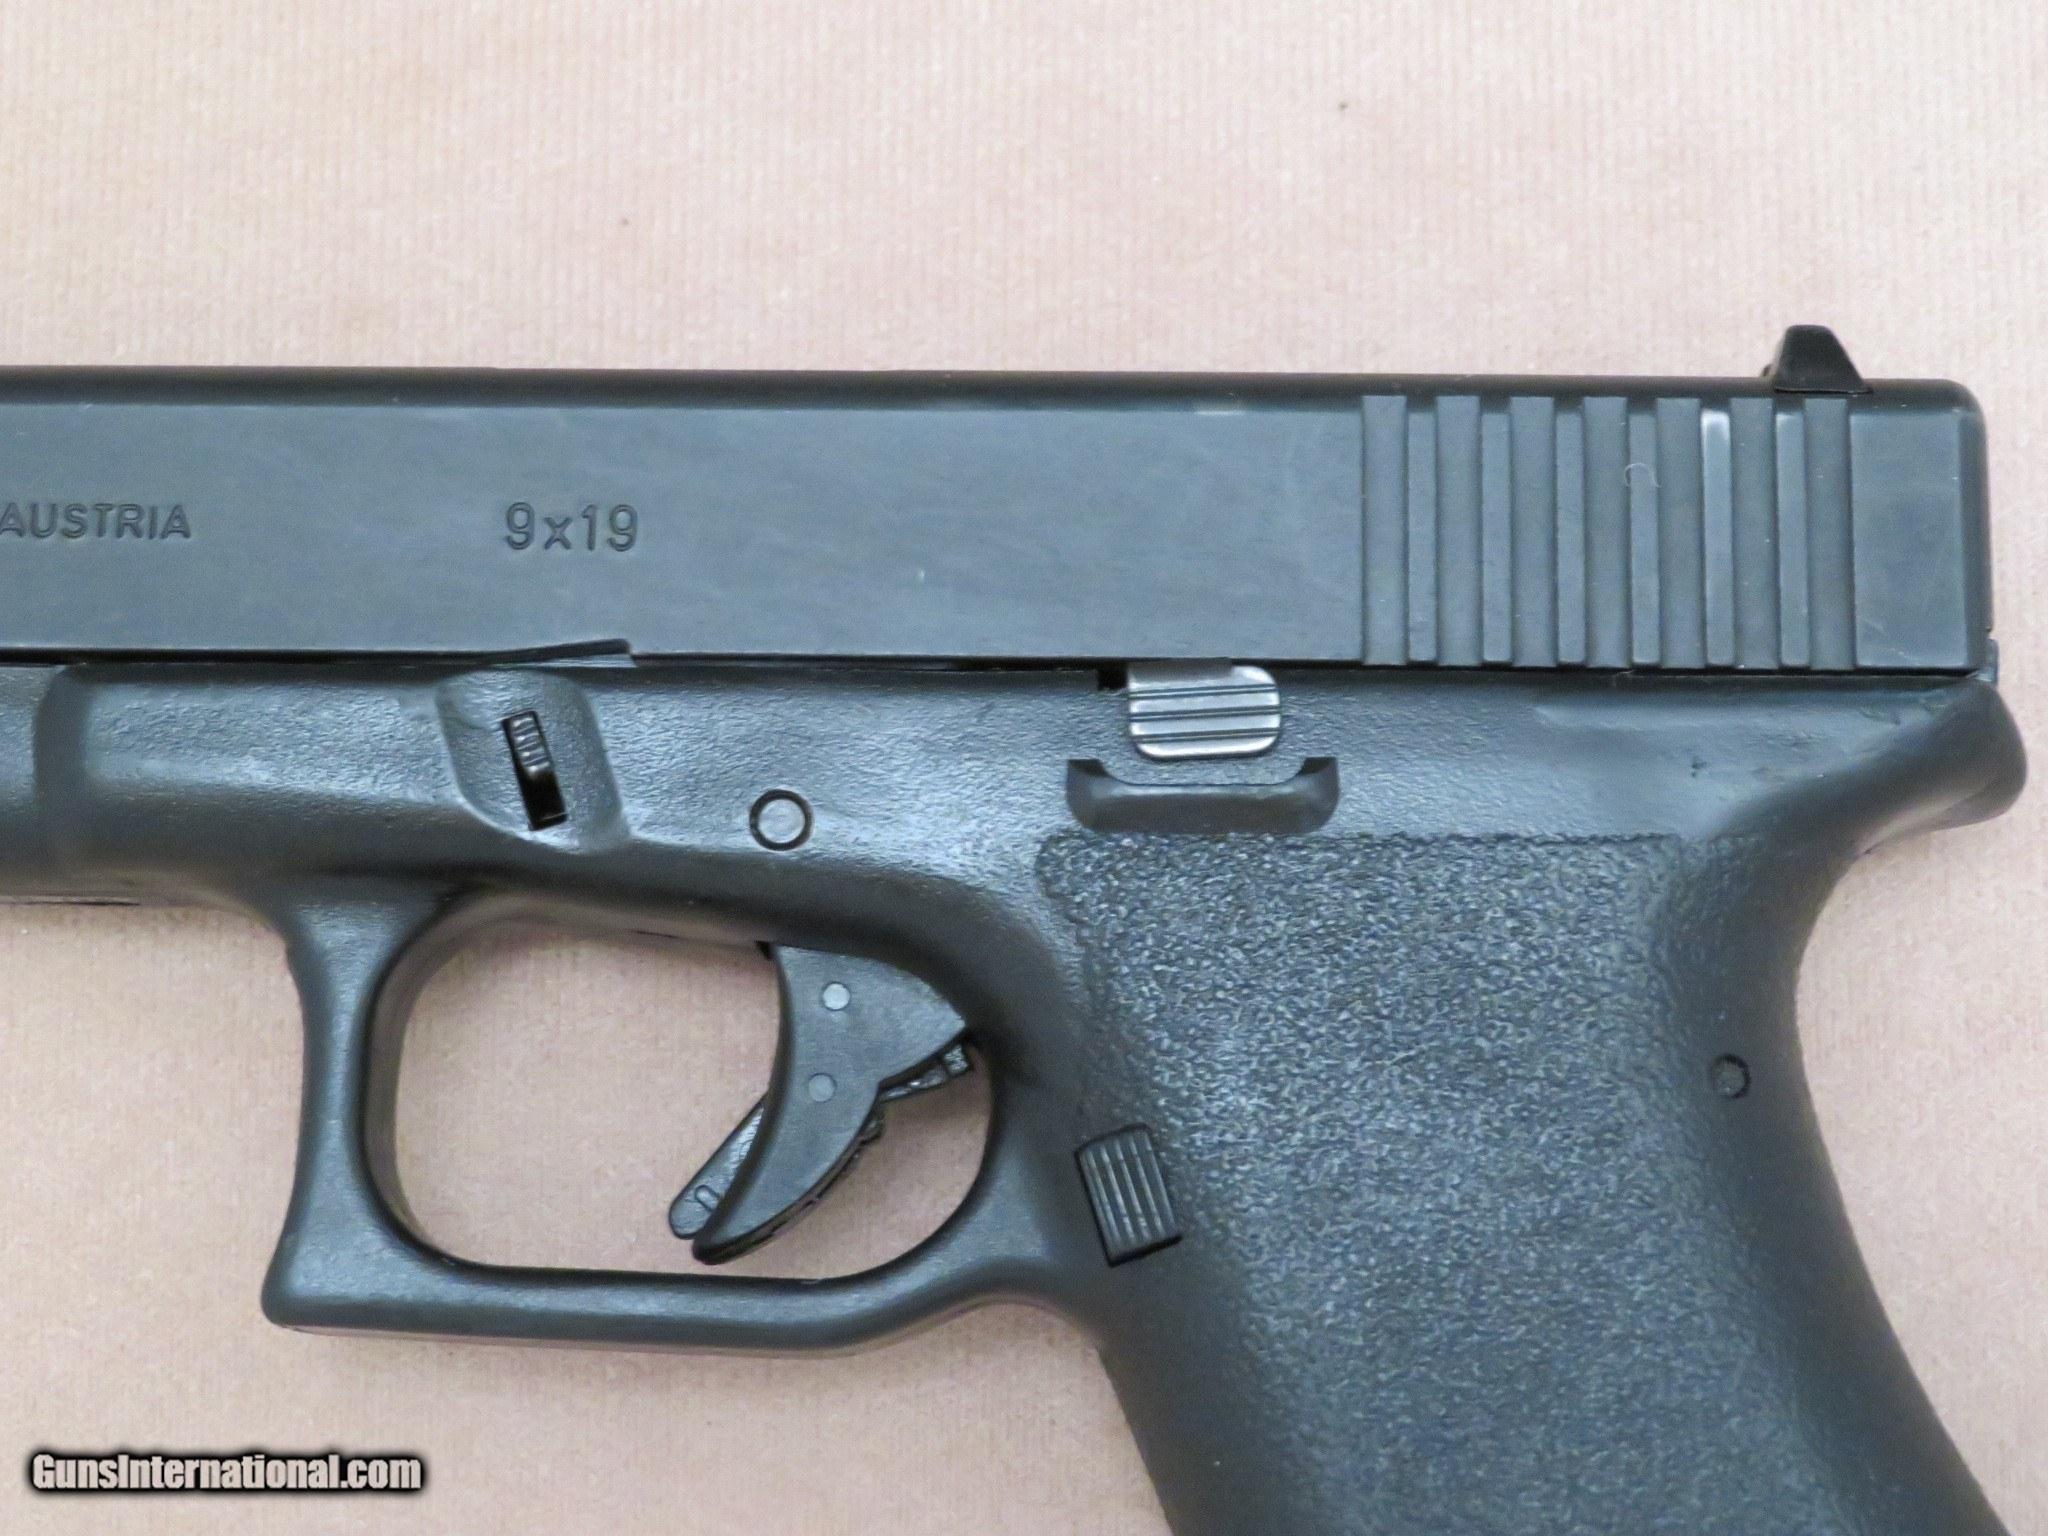 1986 1st Generation Glock Model 17 9mm Pistol ** Scarce 1st Gen Gun